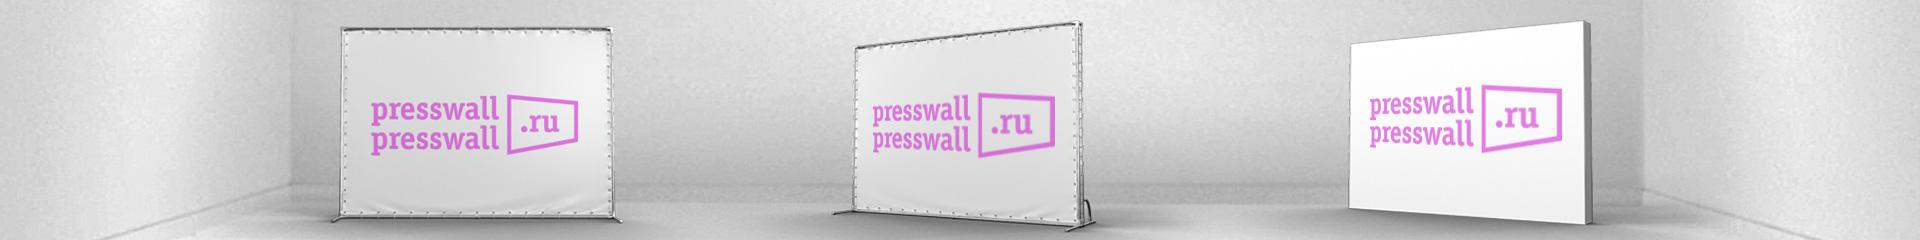 пресс волл - конструкция